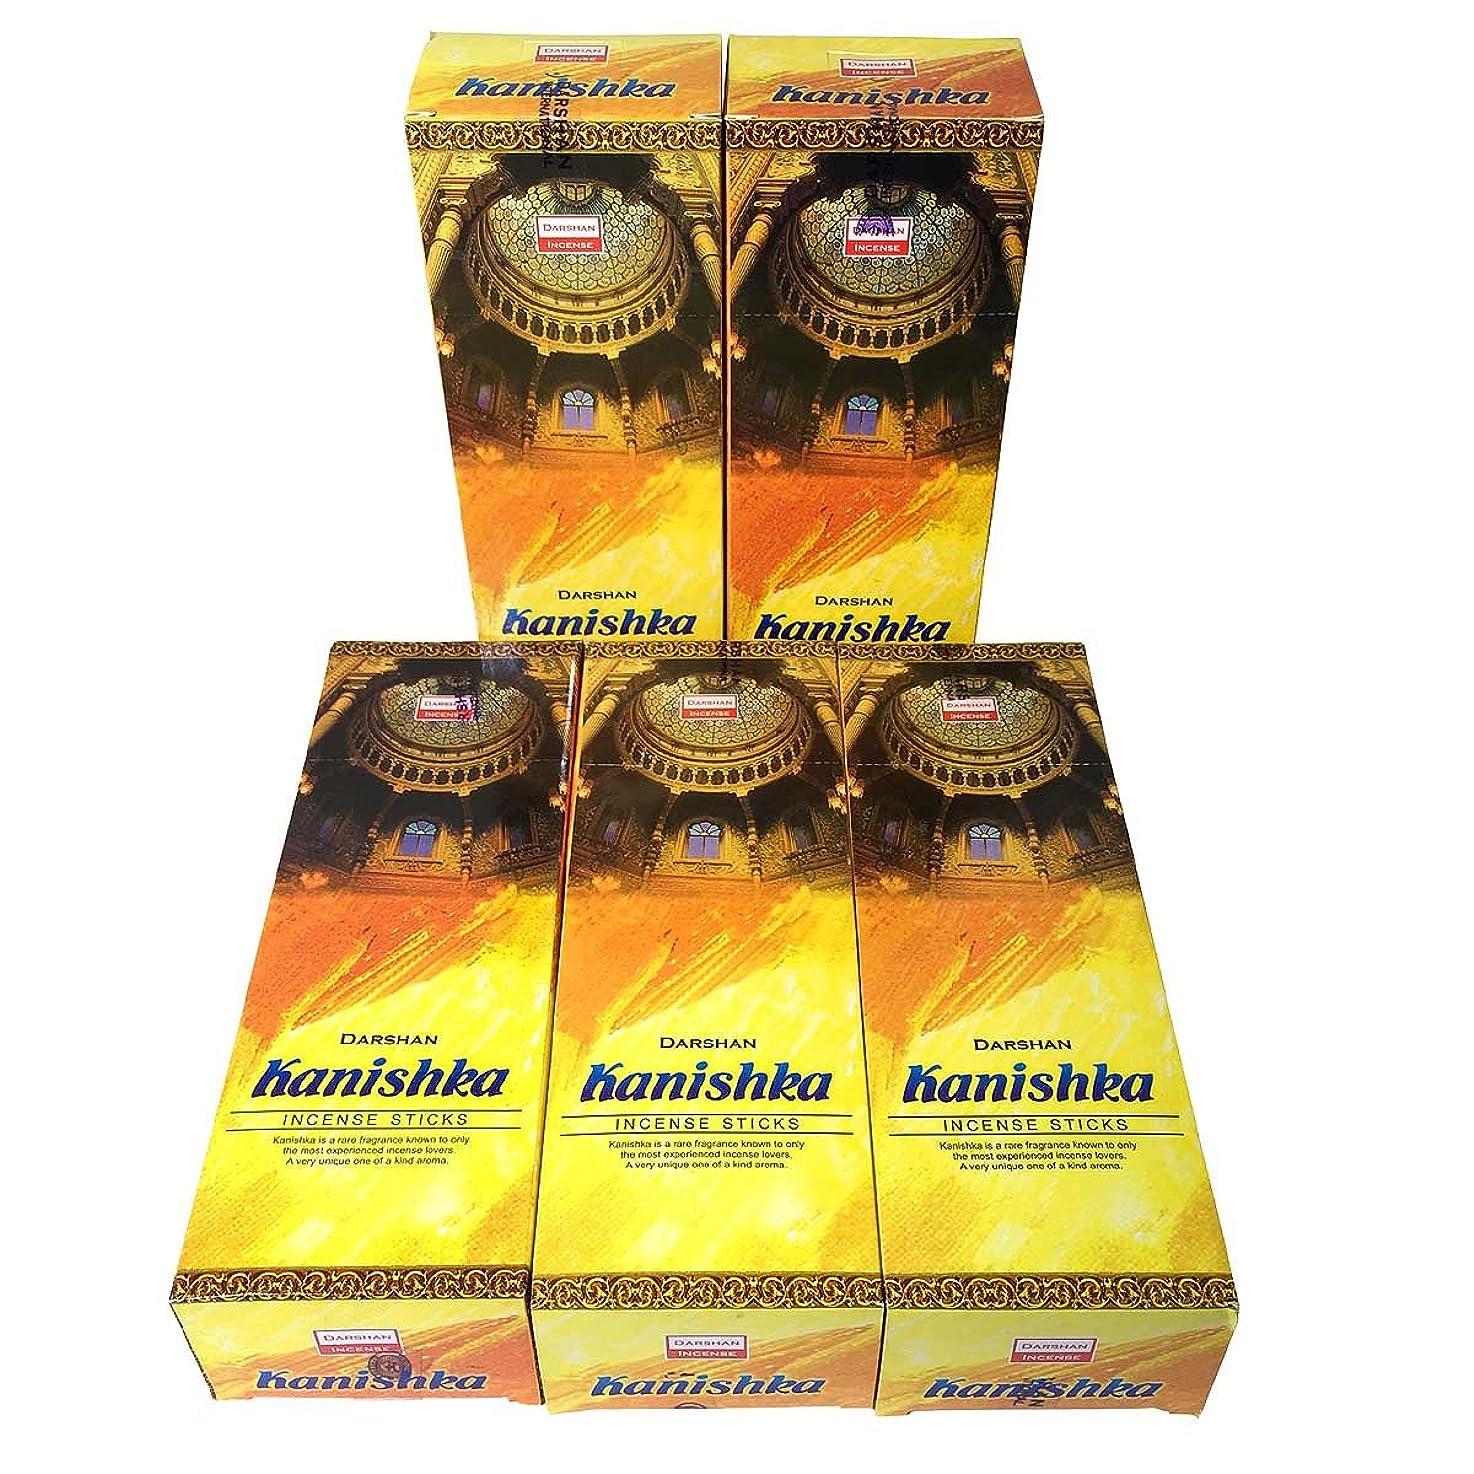 摩擦苦難スパンカニシュカ香スティック 5BOX(30箱)/DARSHAN KANISHKA/ インド香 / 送料無料 [並行輸入品]